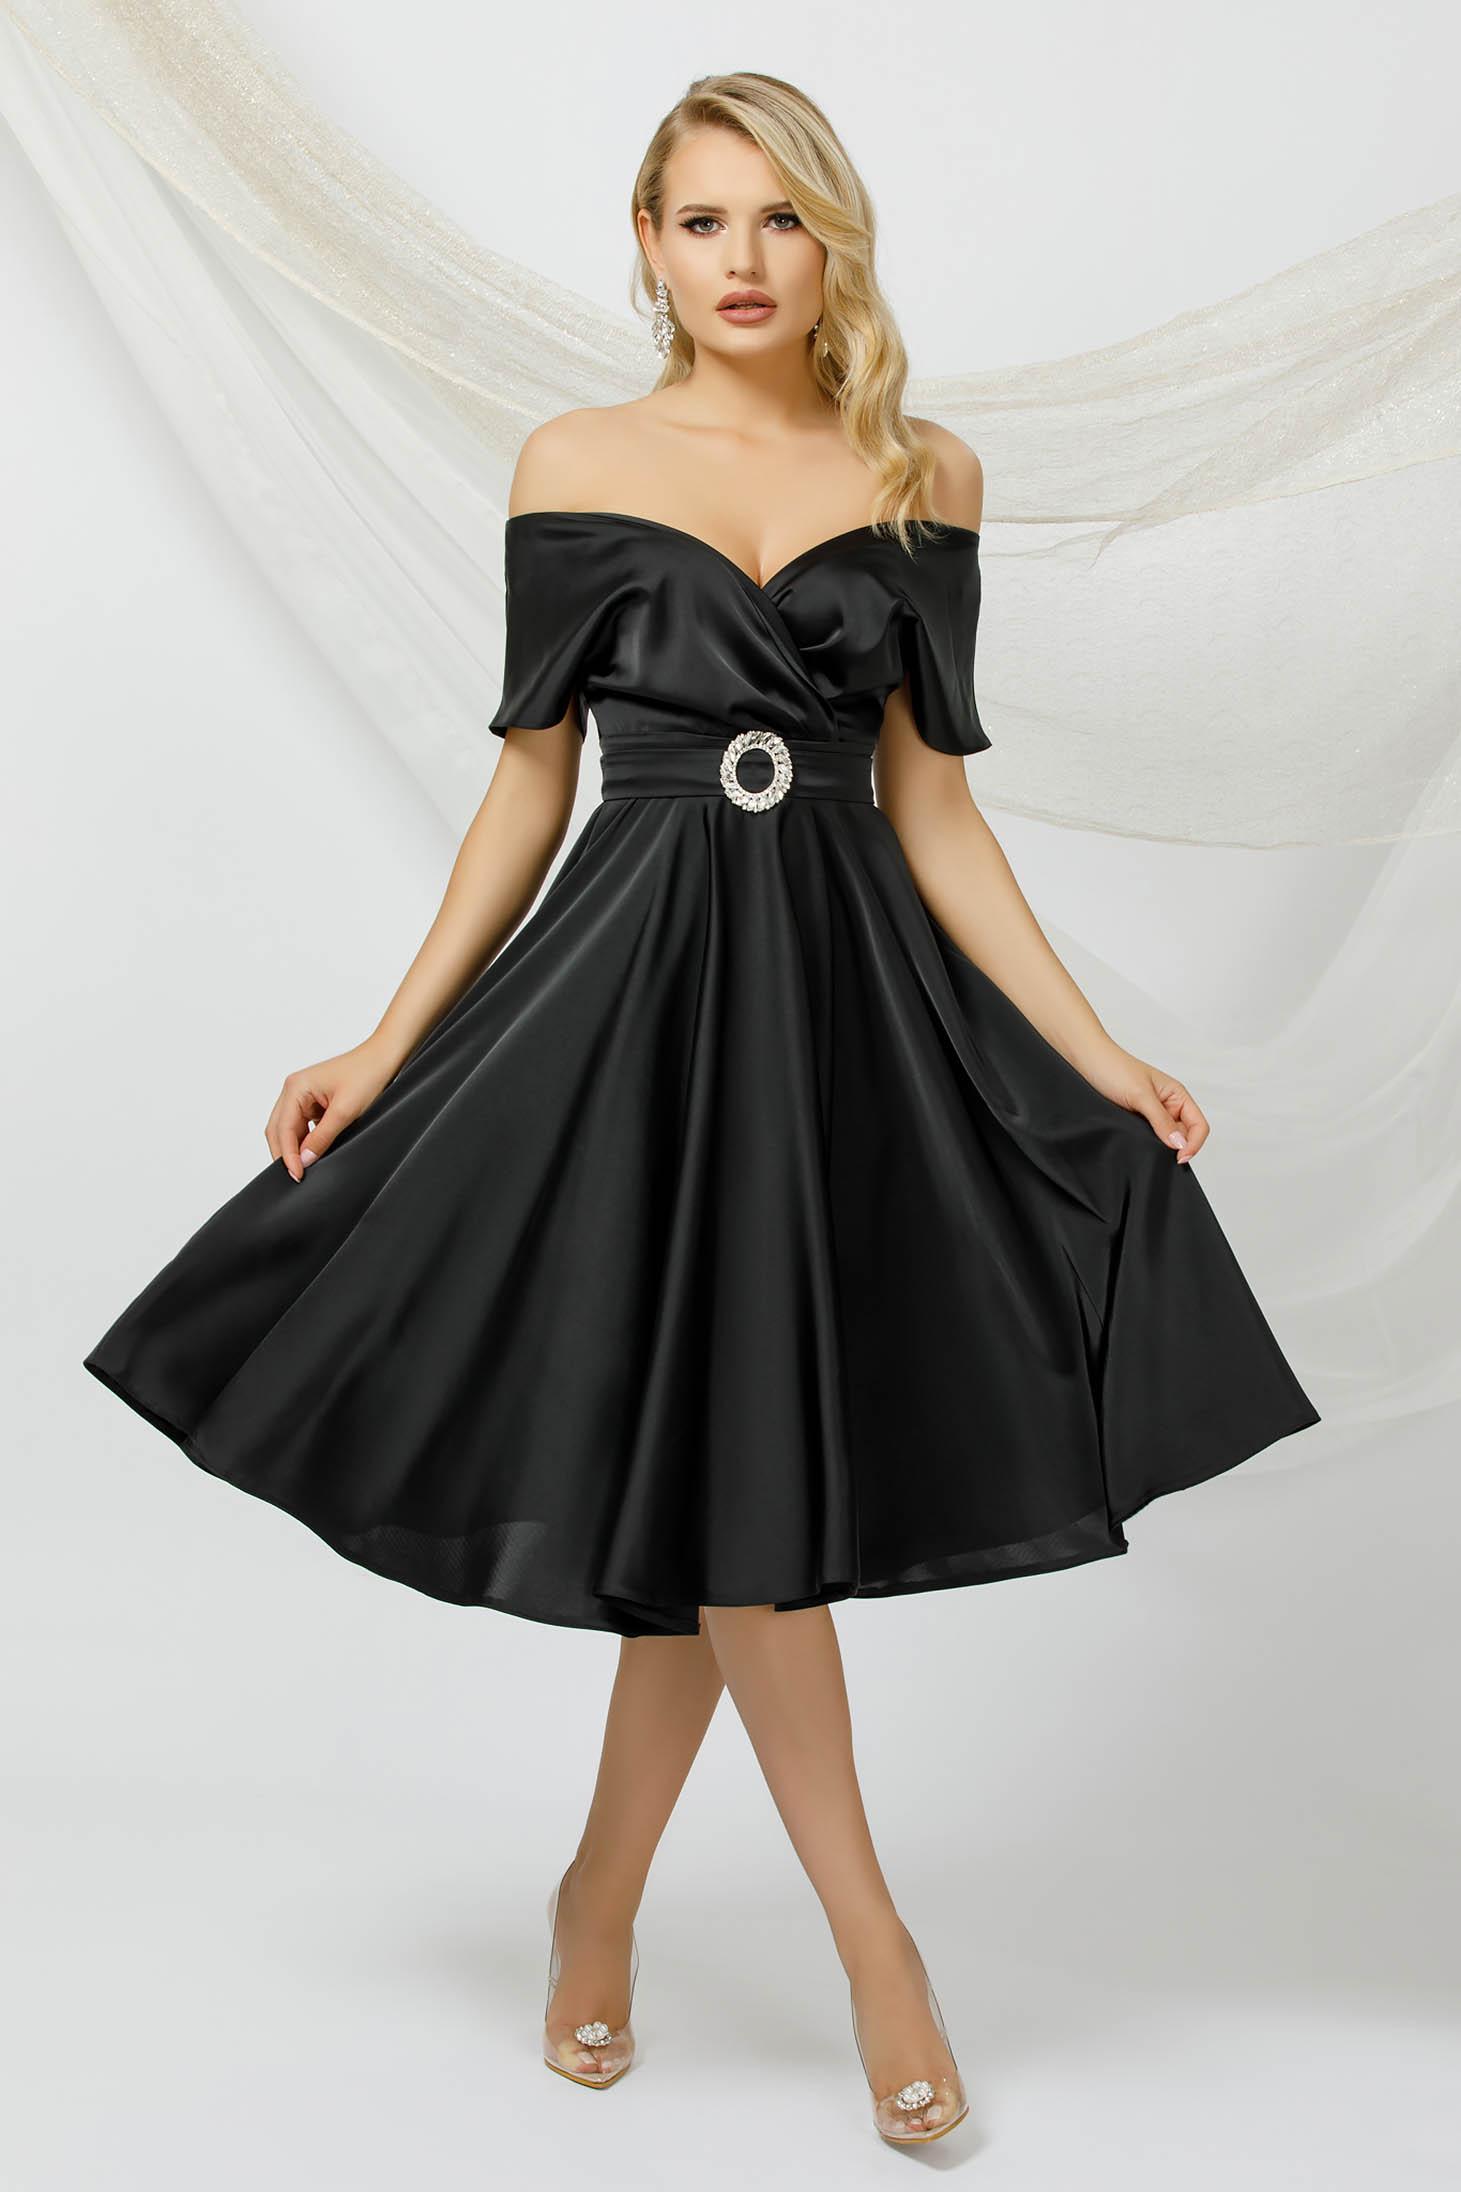 Fekete harang midi ruha szaténból, hátul megköthető övvel